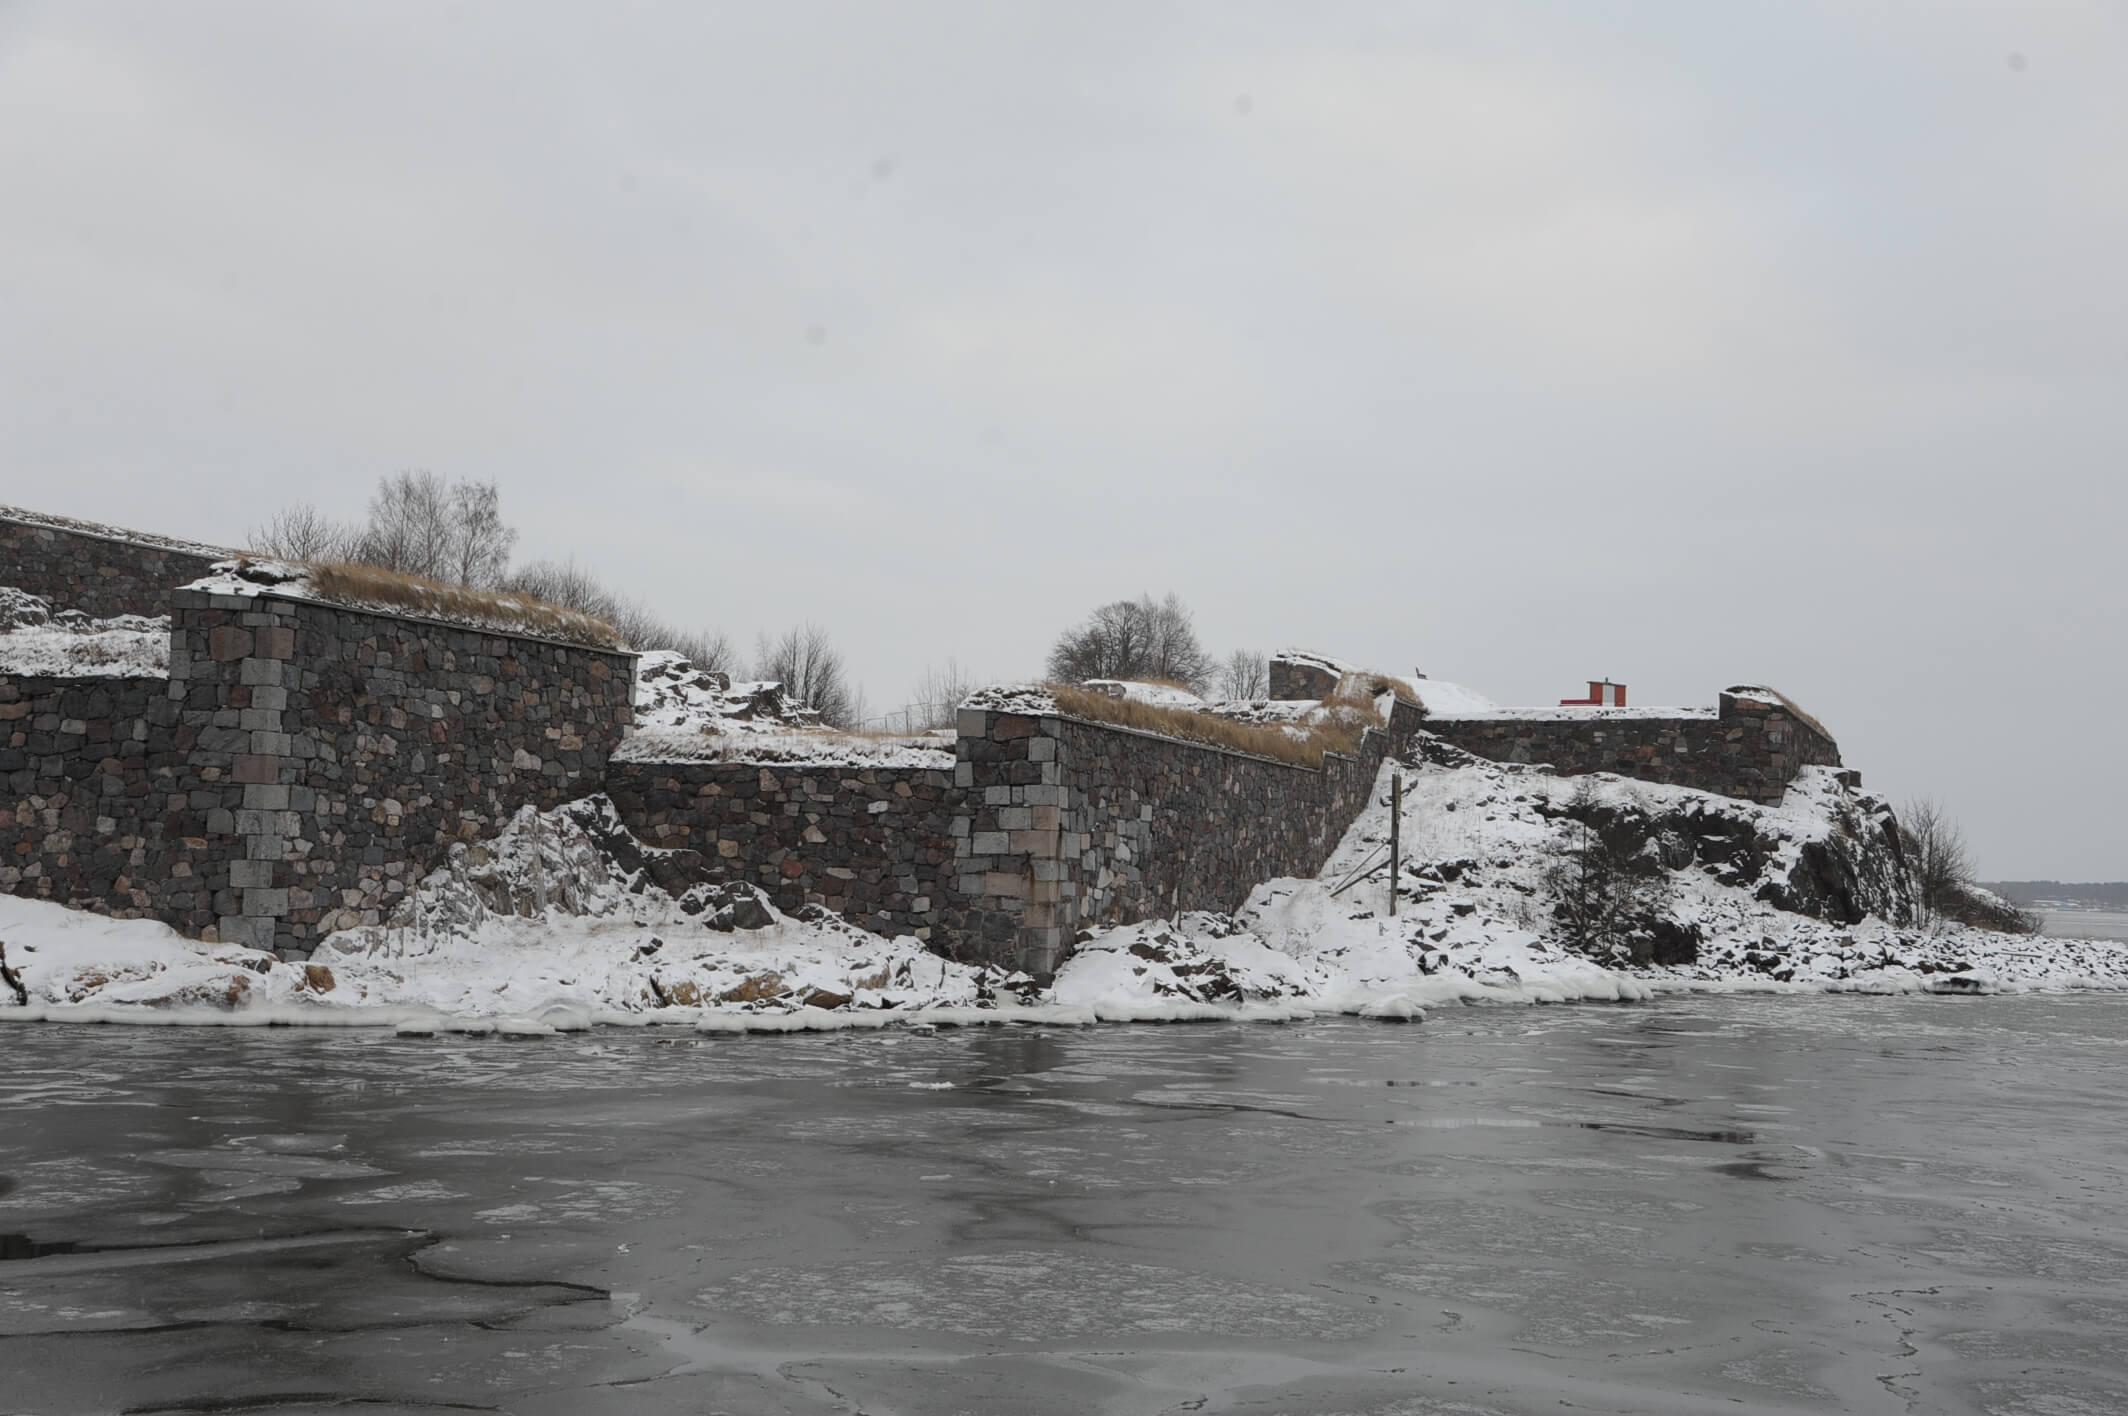 スオメンリンナ要塞の分厚い壁